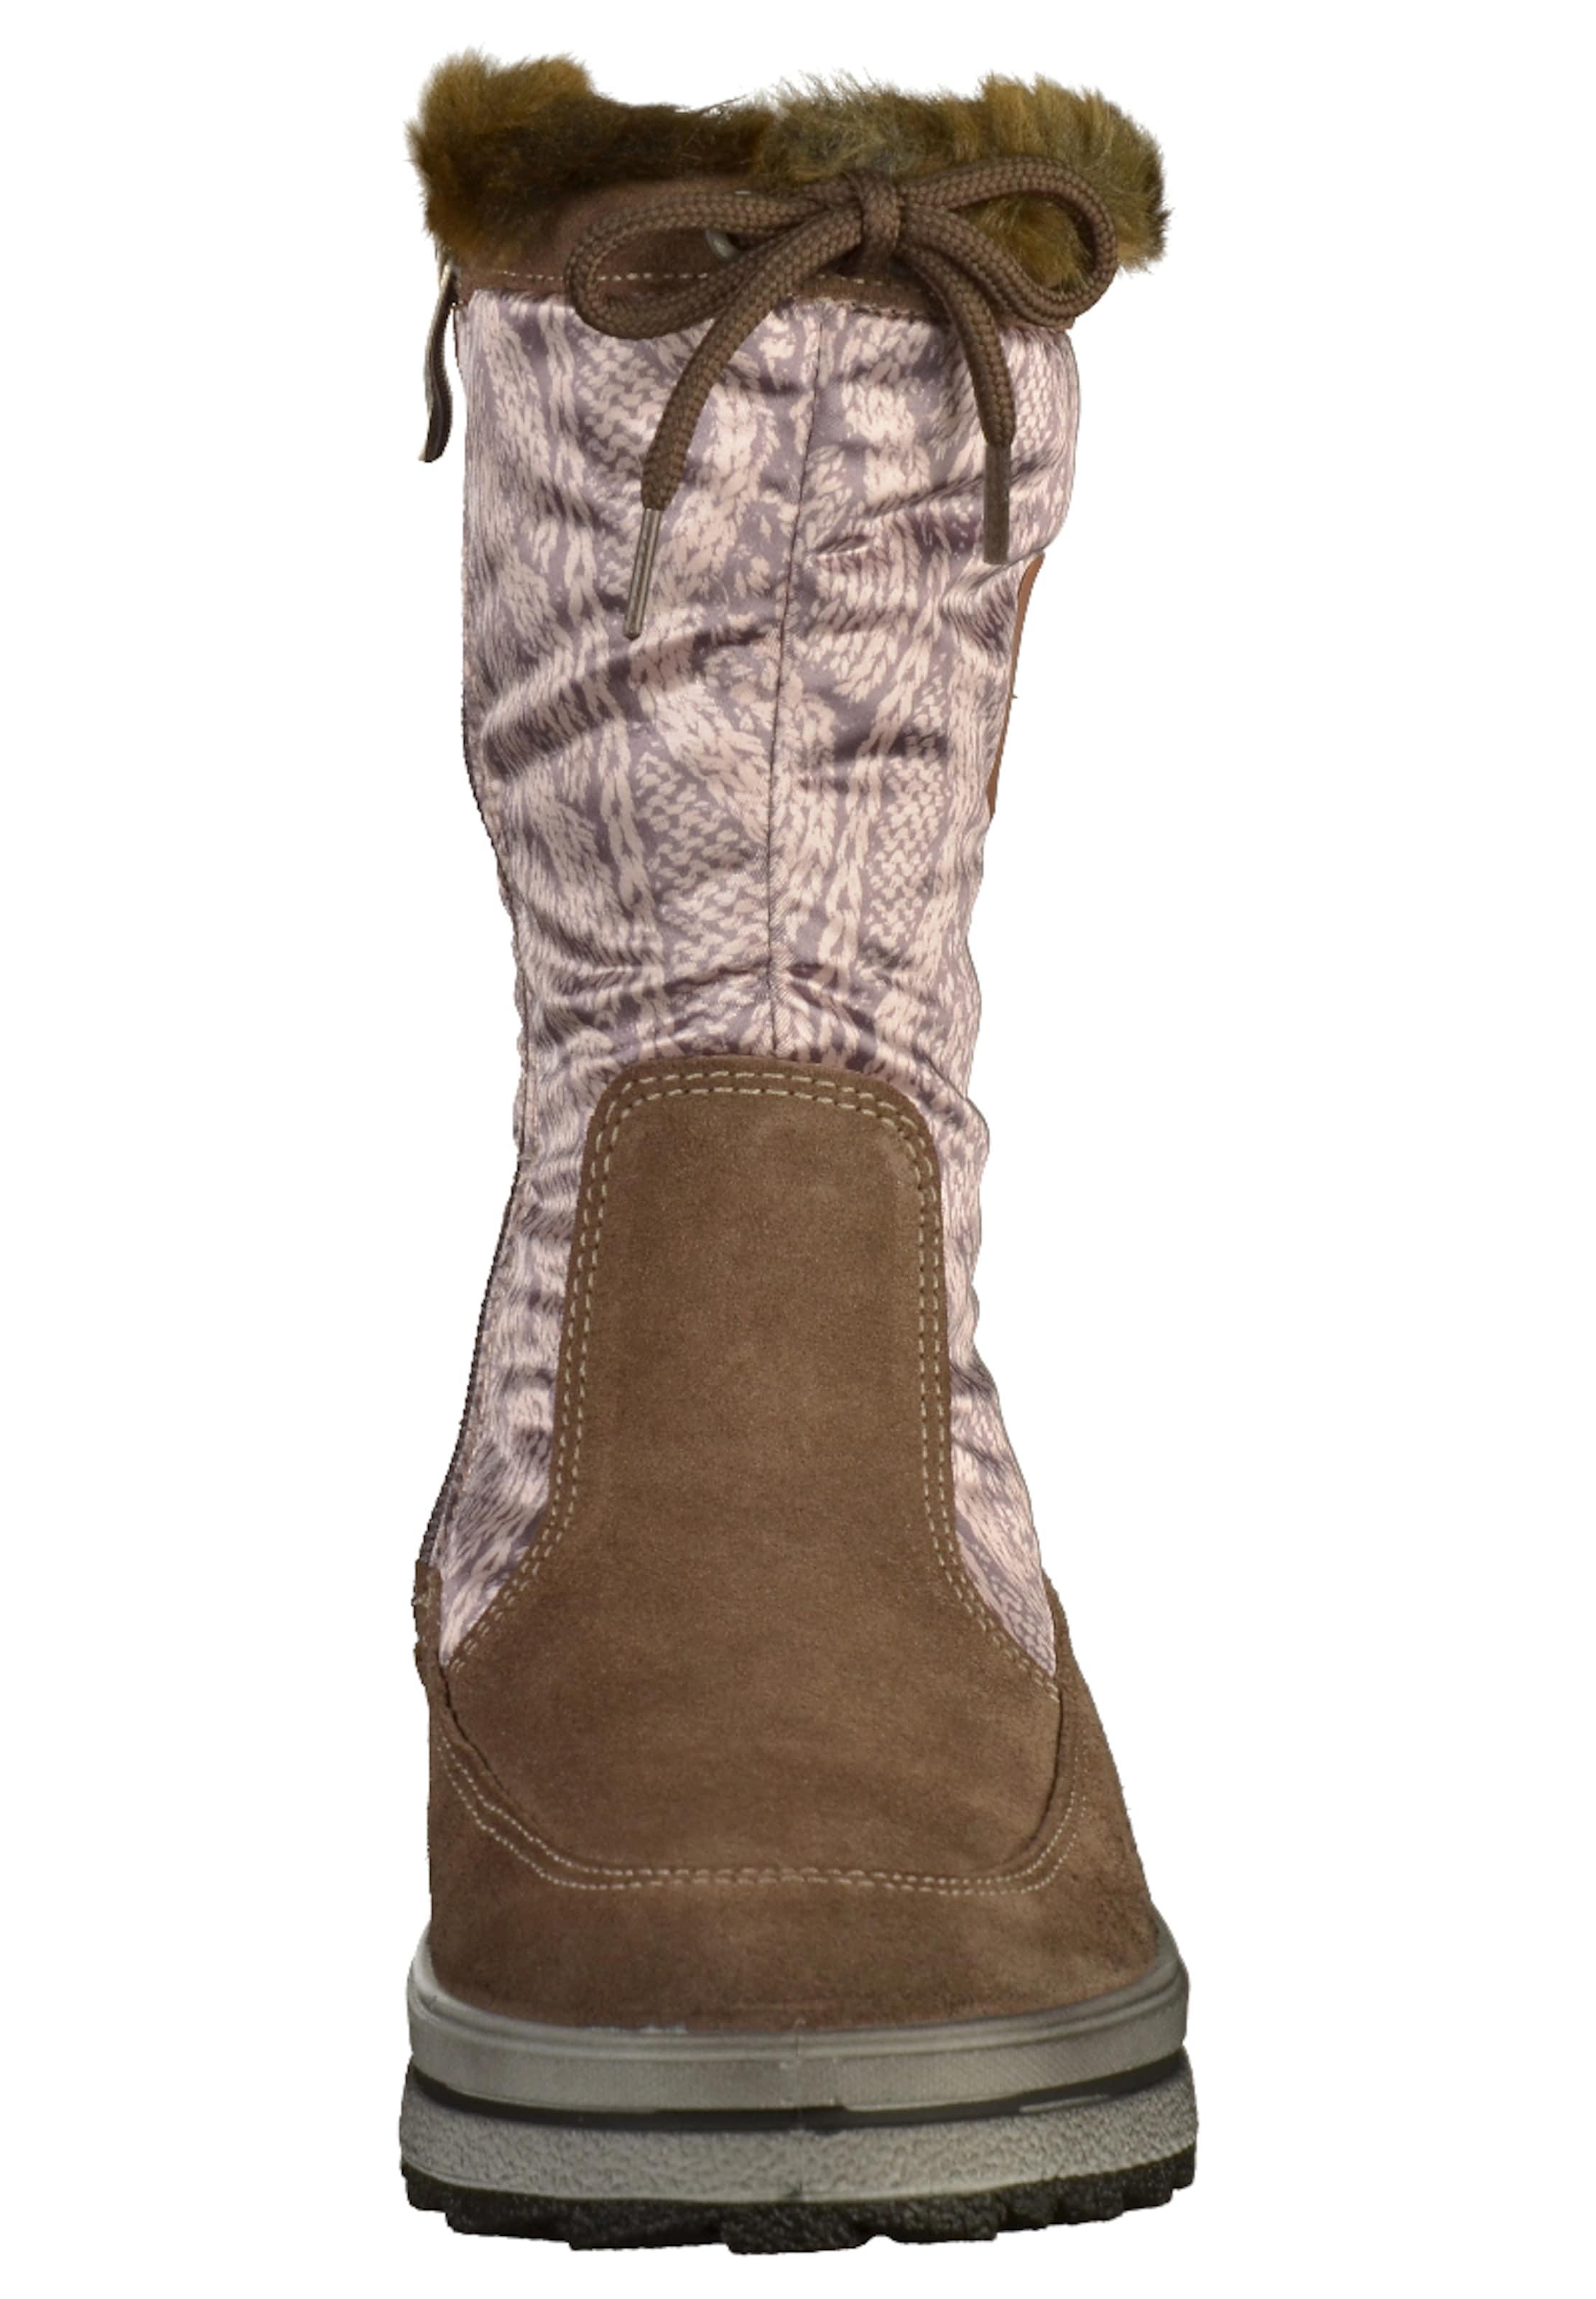 Viele Arten Von ARA Stiefel Erhalten Authentisch Zu Verkaufen Auslass Bilder Verkauf Wahl Z4Do1